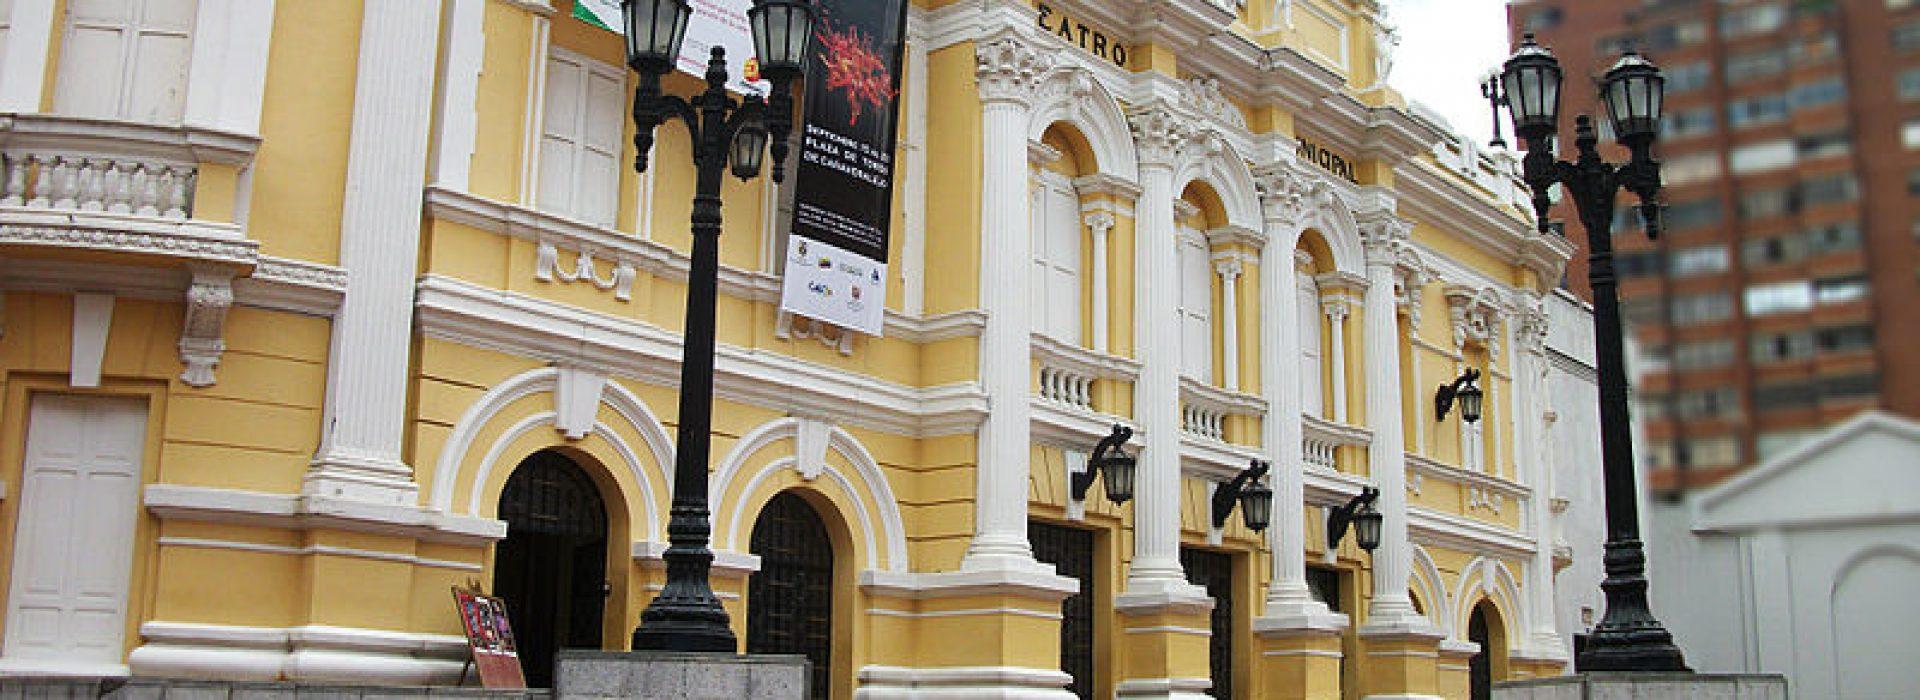 800px-Teatro_Municipal_de_Santiago_de_Cali_desde_el_anden